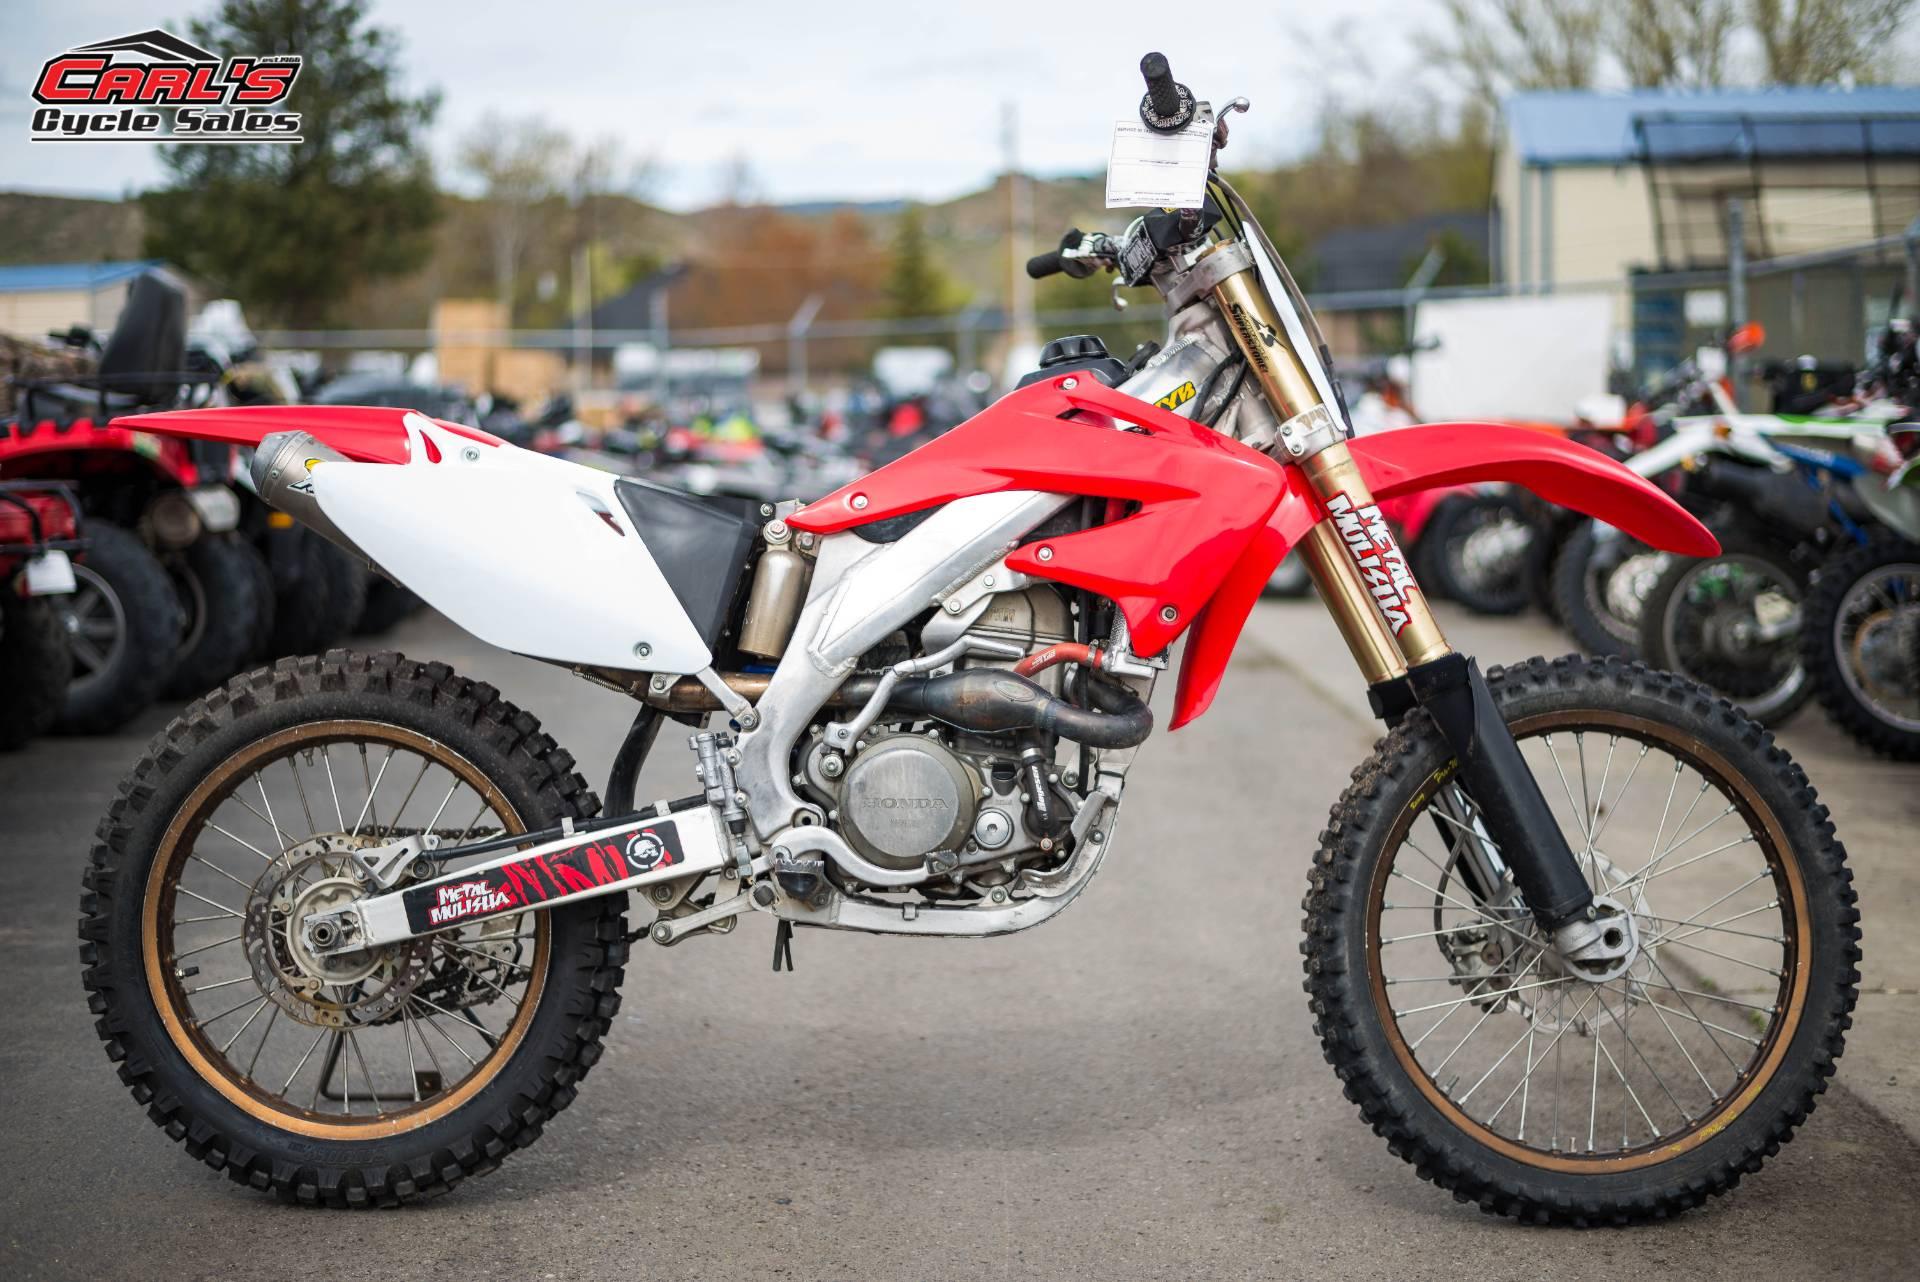 2004 CRF450R